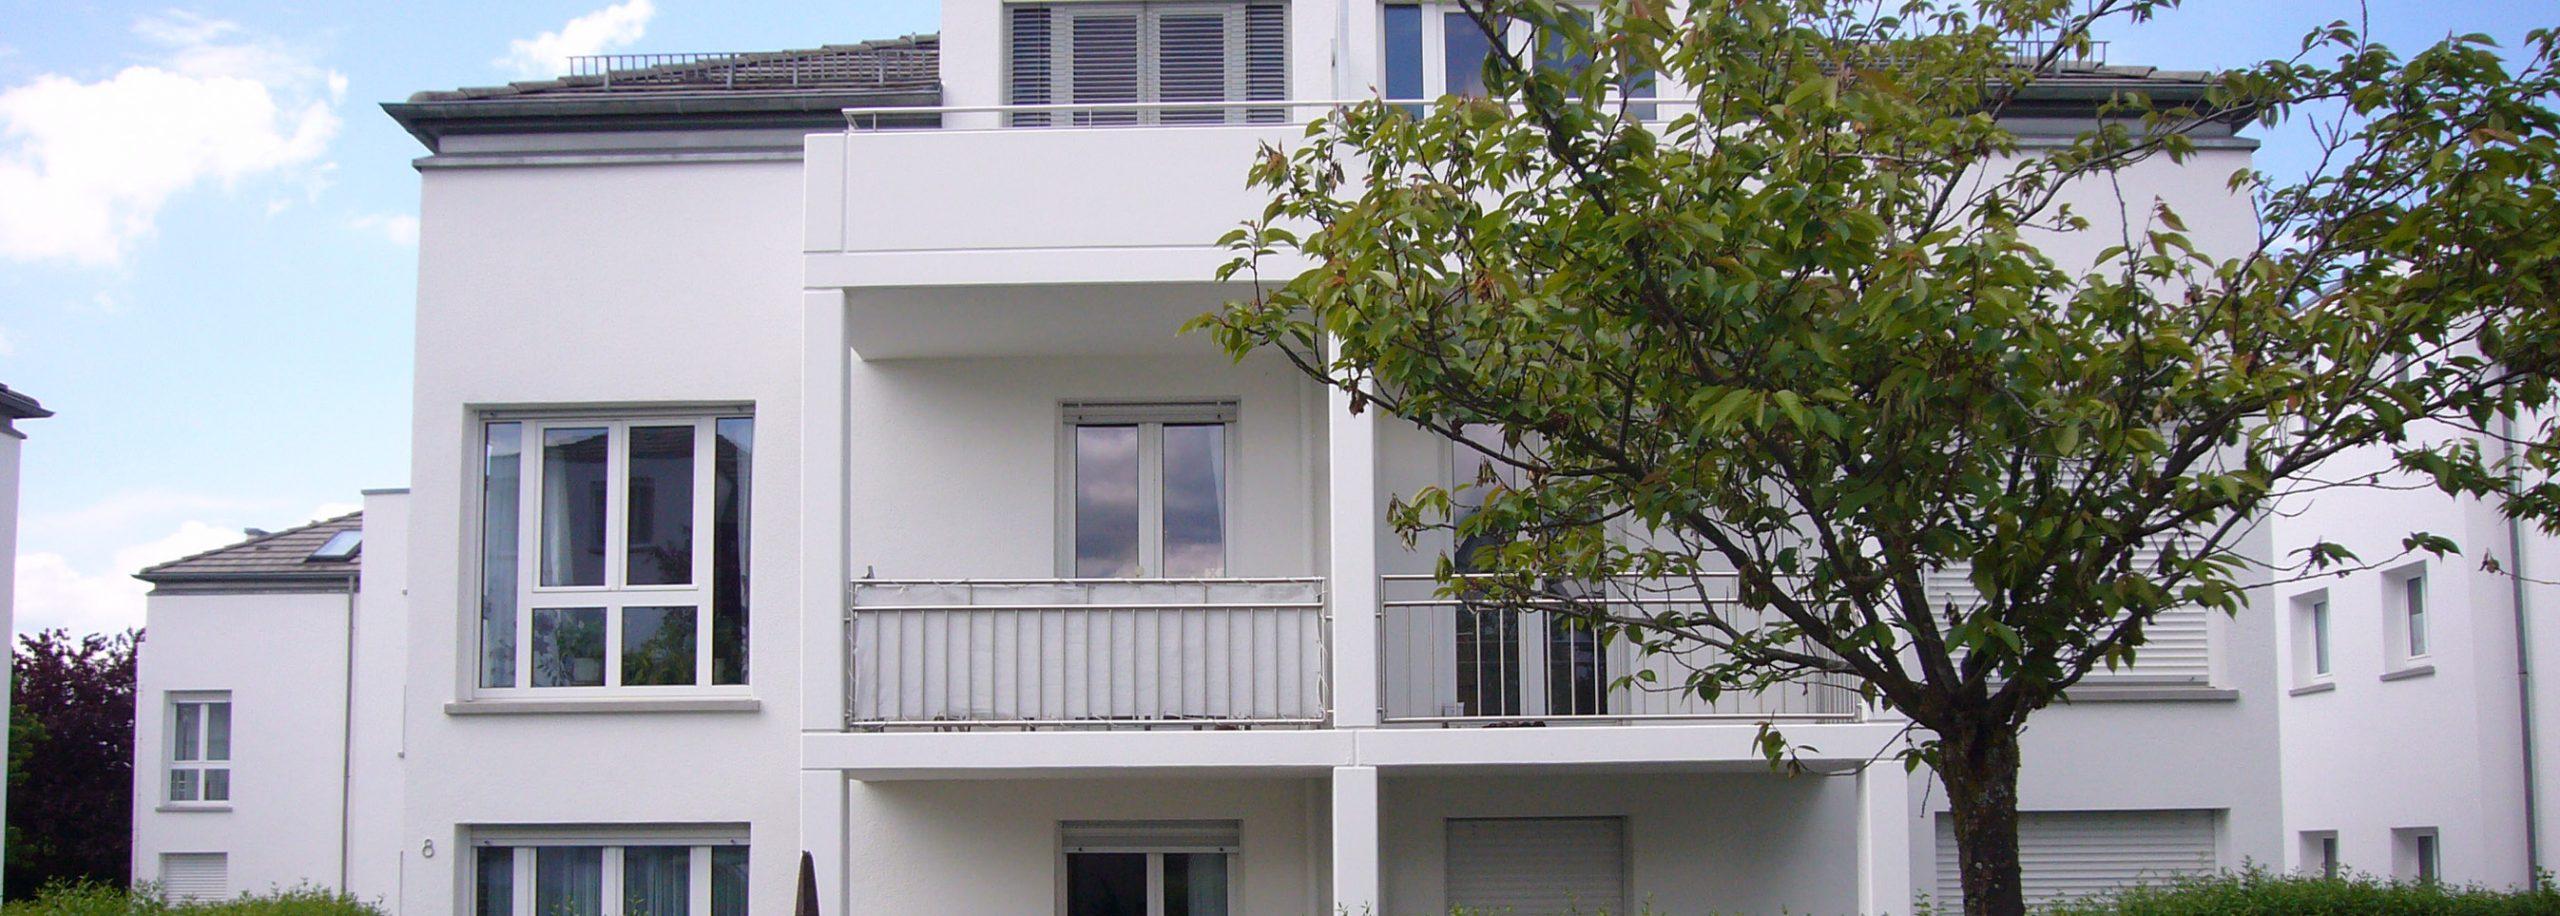 2-Zimmer-Studiowohnung – Lilienstraße 8, Reutlingen